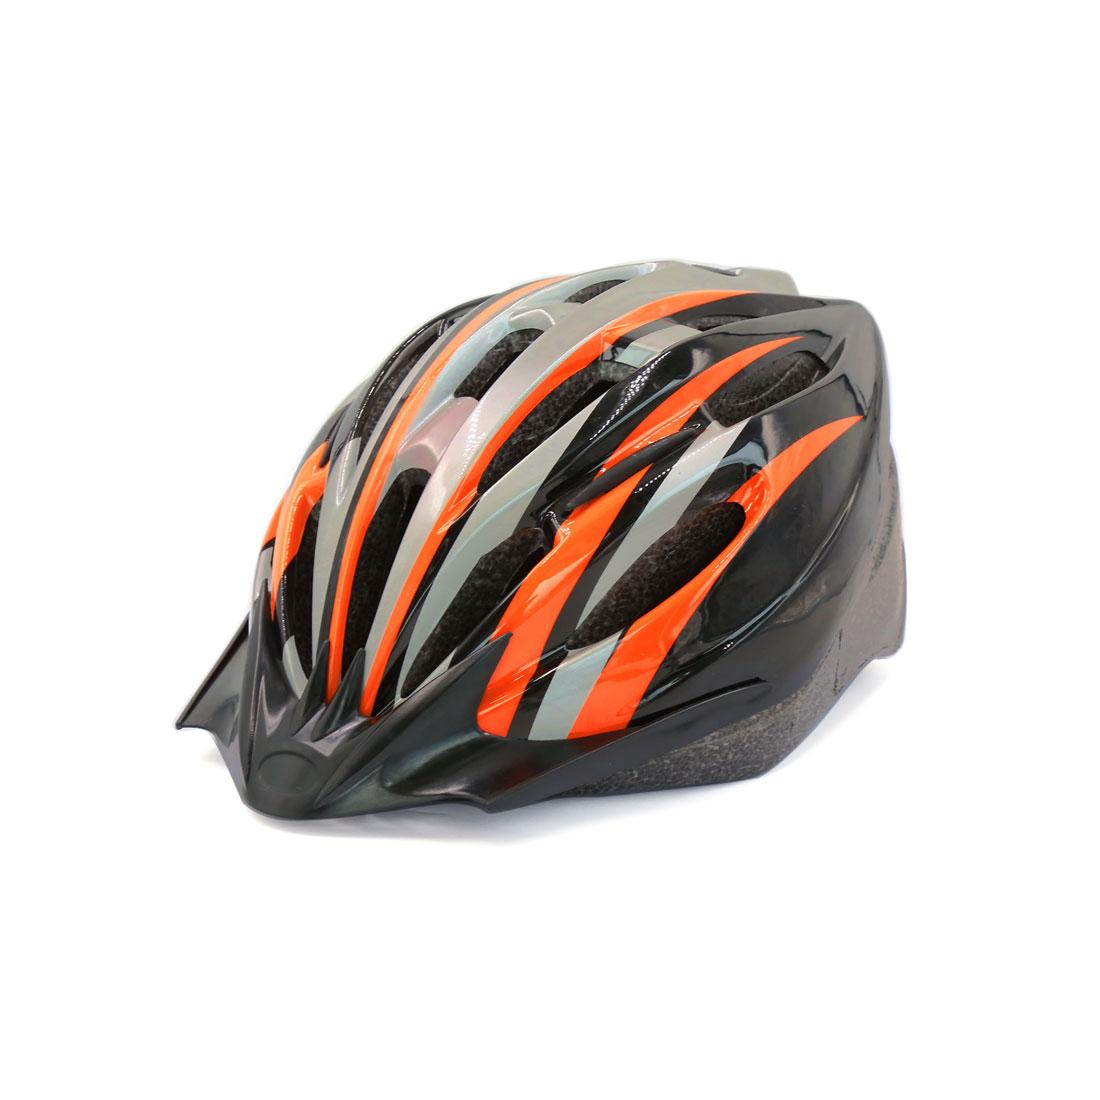 Unisex Adult Road MTB Bike Racing Bicycle Cycling Head Protector Helmet Orange Black w Visor